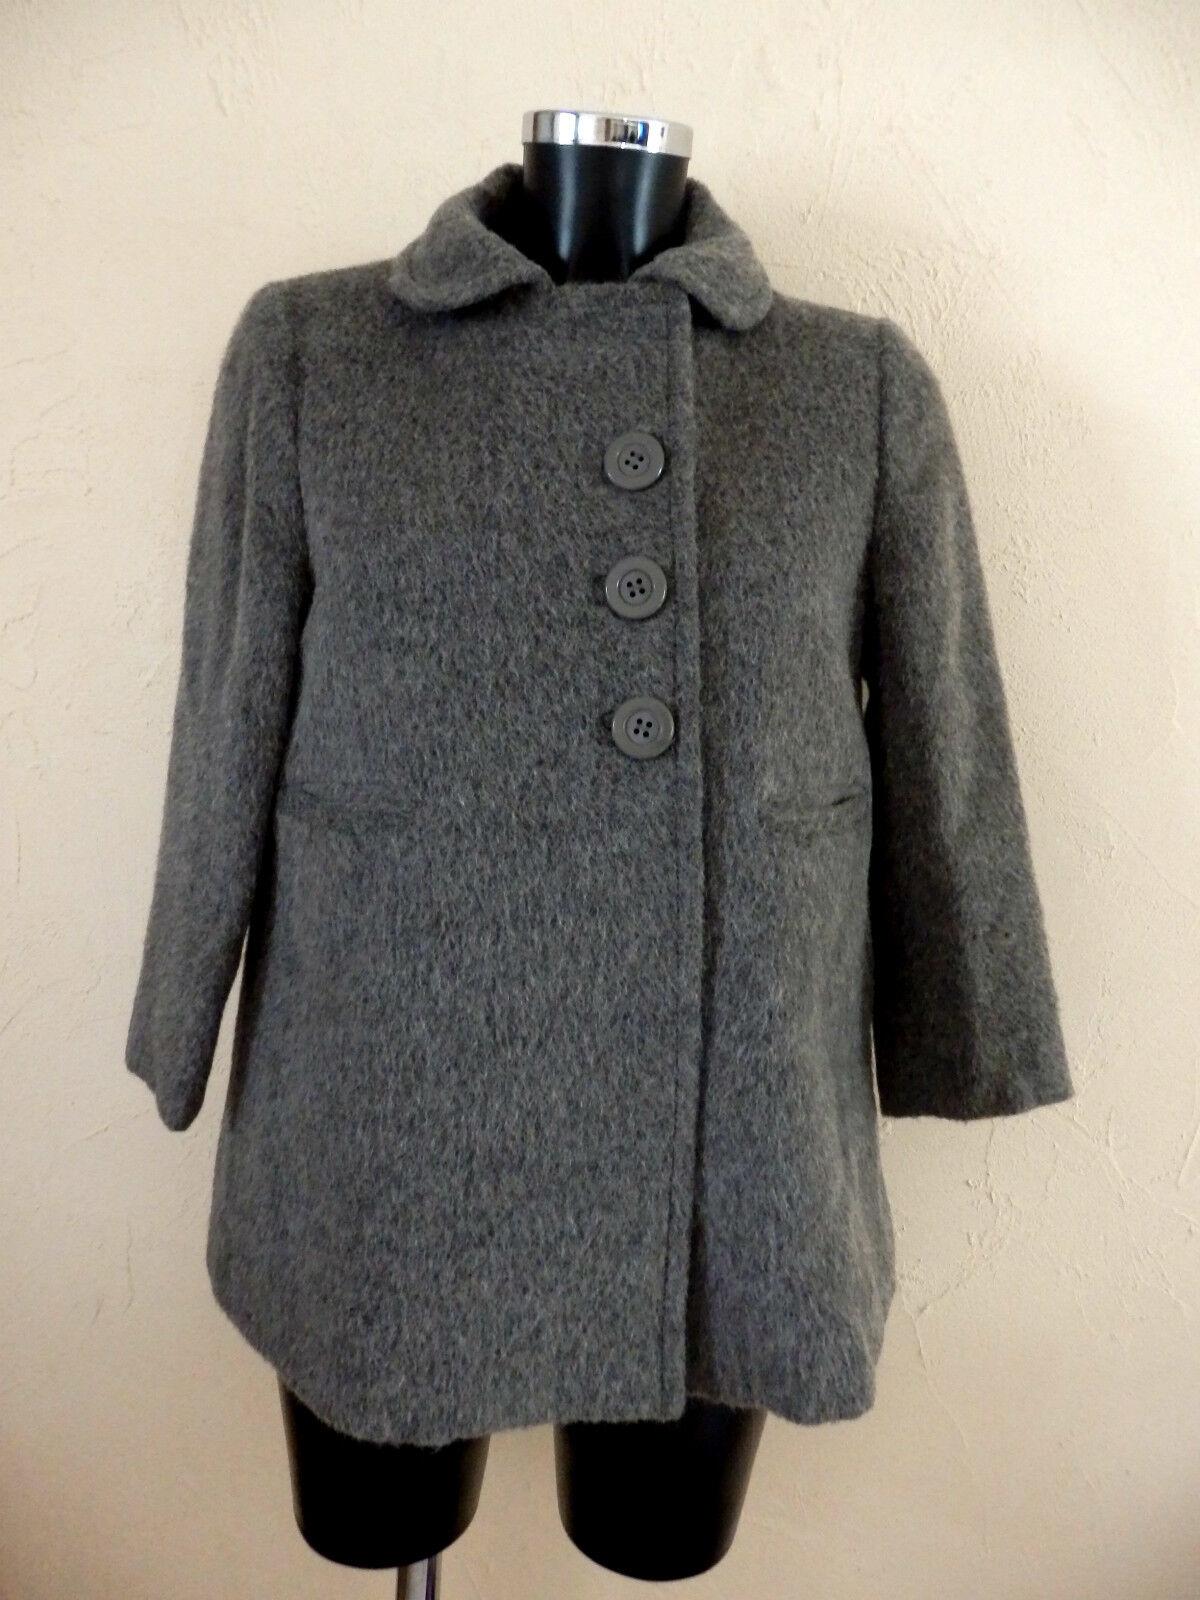 SEE BY CHLOE - MANTEAU - LAINE  ALPAGA  MOHAIR - size 36fr - grey